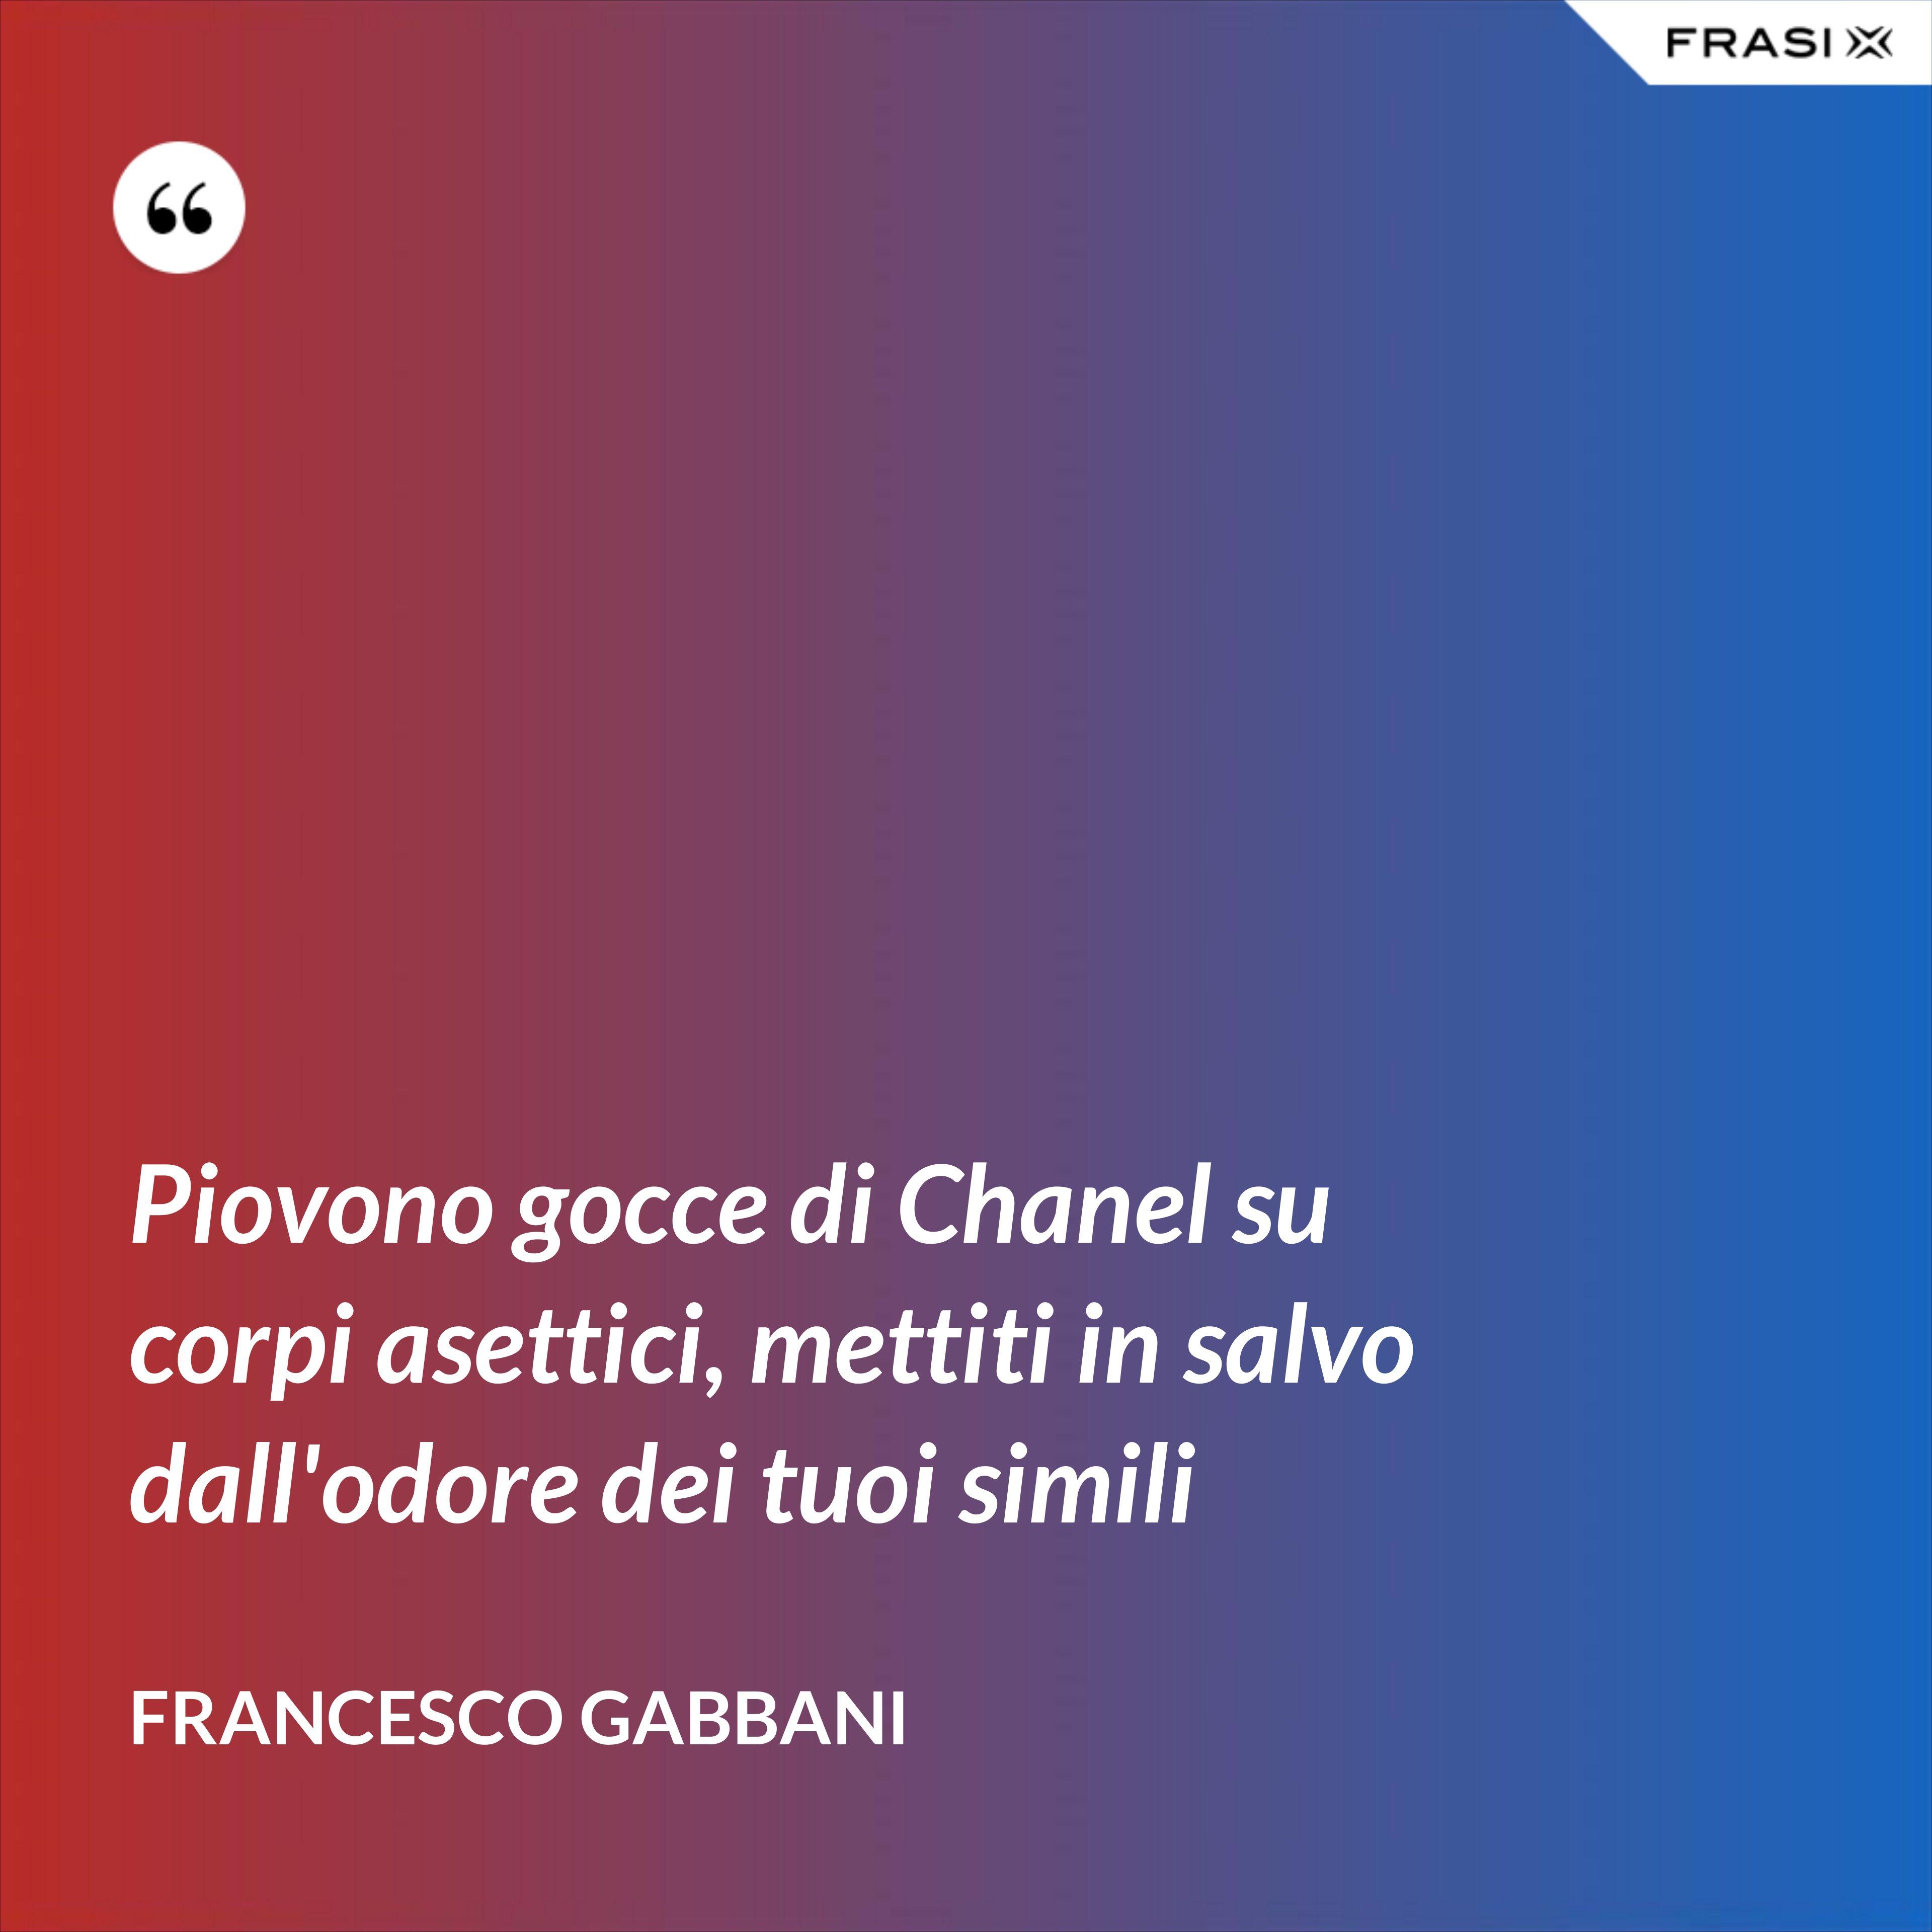 Piovono gocce di Chanel su corpi asettici, mettiti in salvo dall'odore dei tuoi simili - Francesco Gabbani